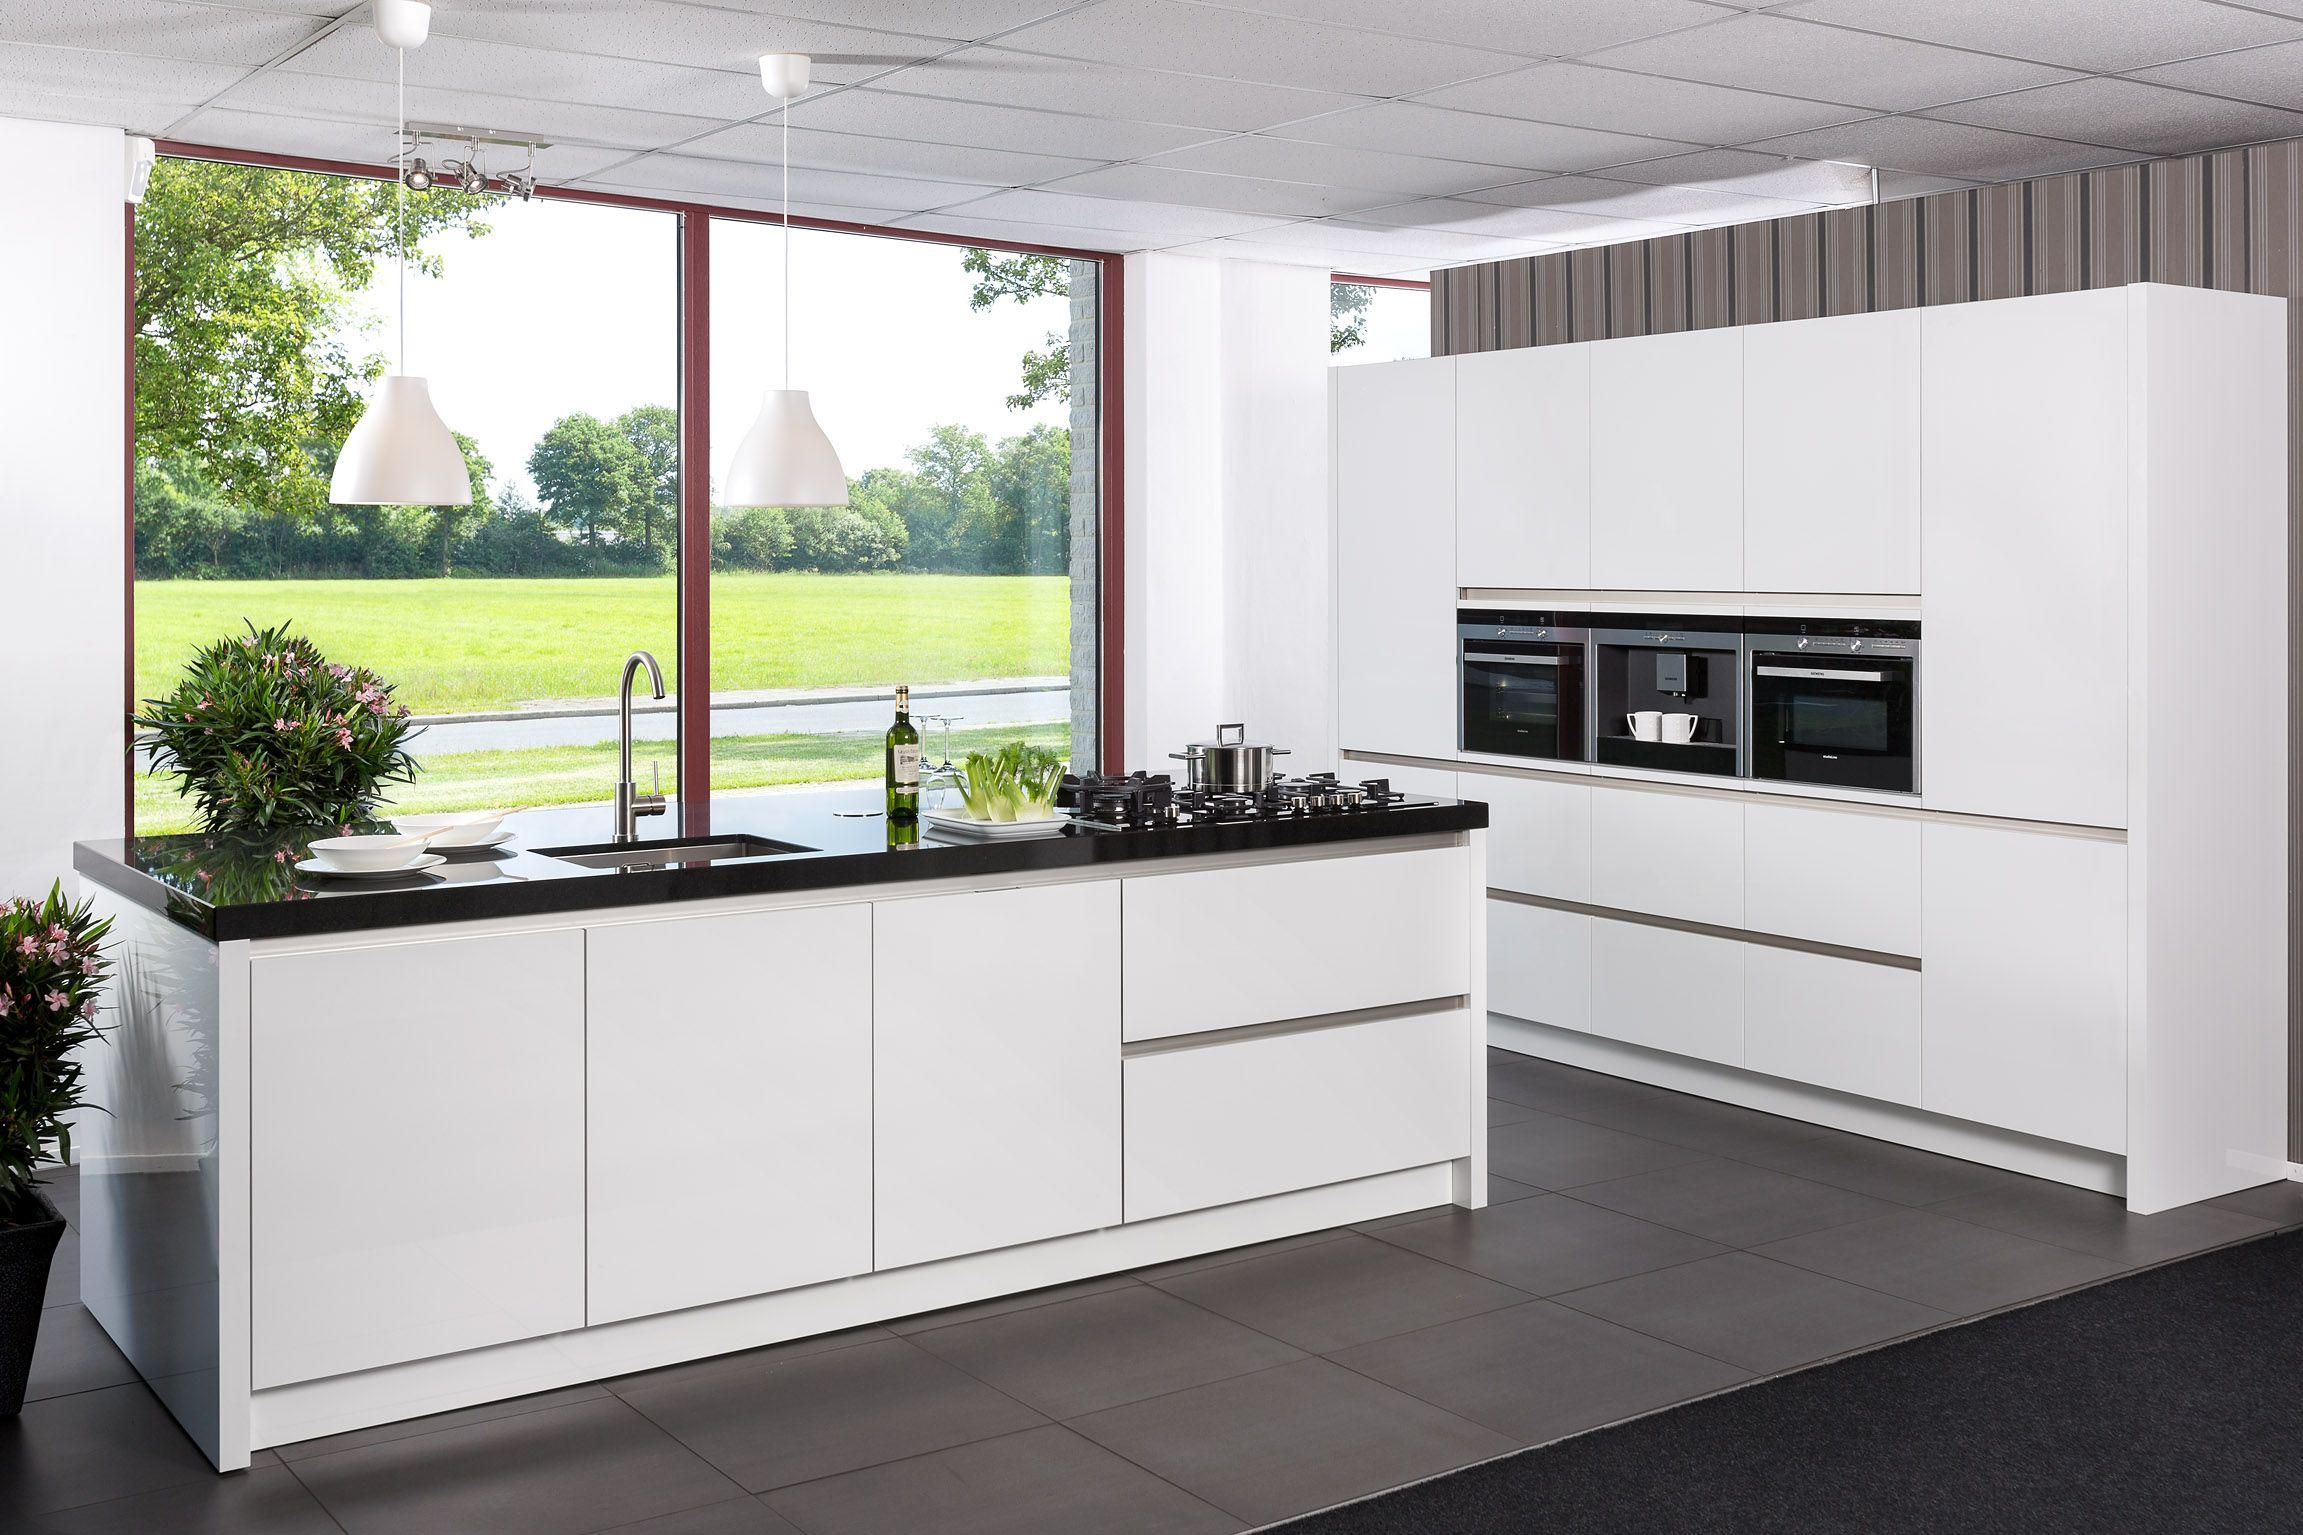 Keuken Plint Hoek : keukens voor zeer lage keuken prijzen GREEPLOZE SIEMENS EILAND